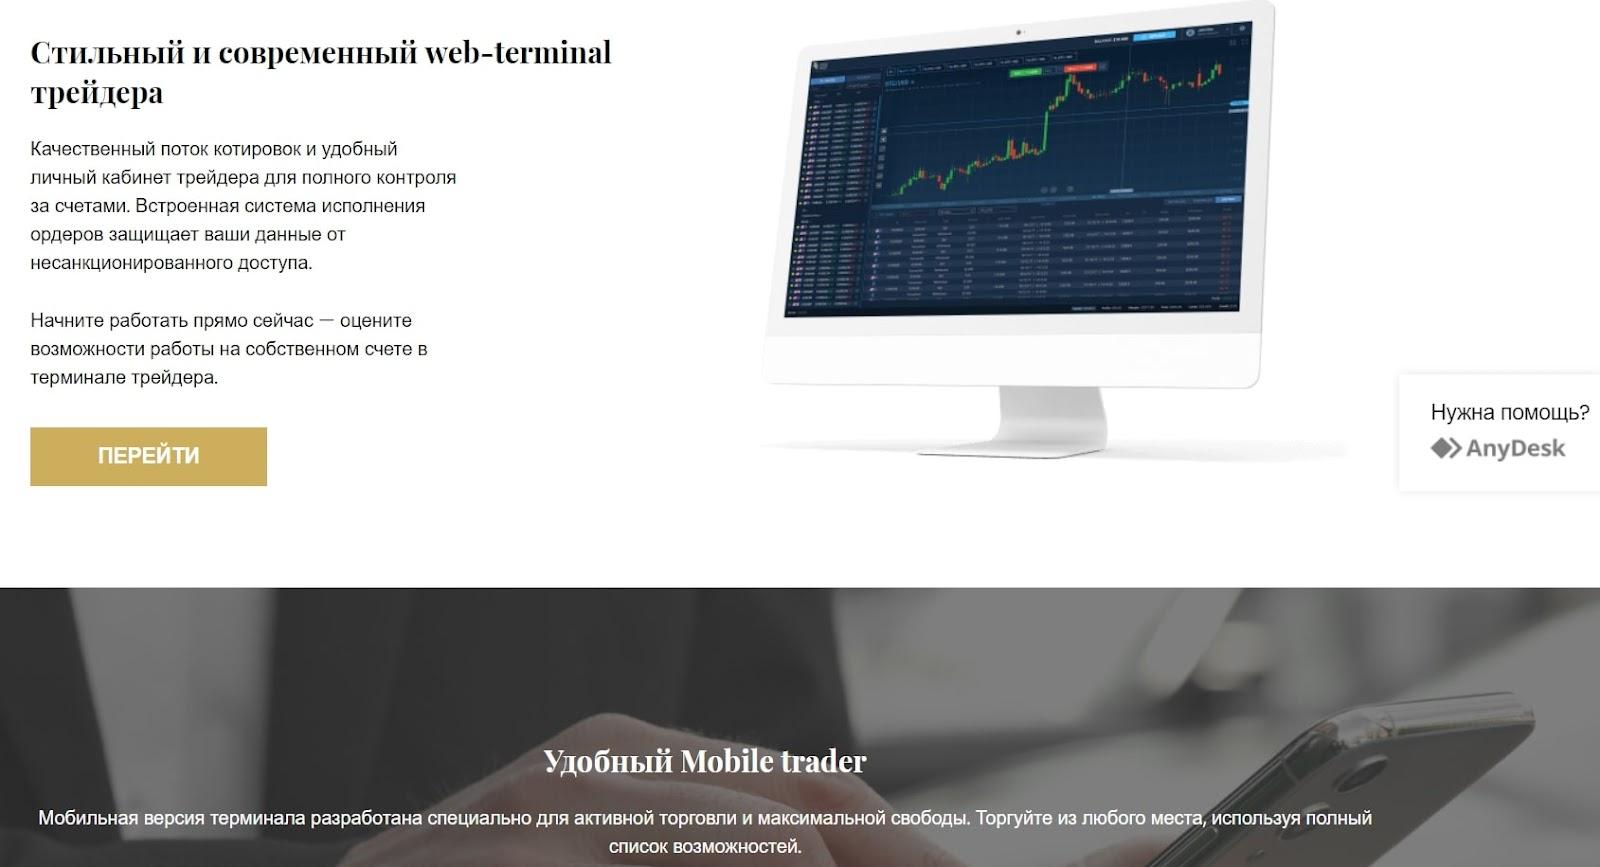 Стоит ли доверять Capital Access Group: обзор торгового сервиса, анализ отзывов